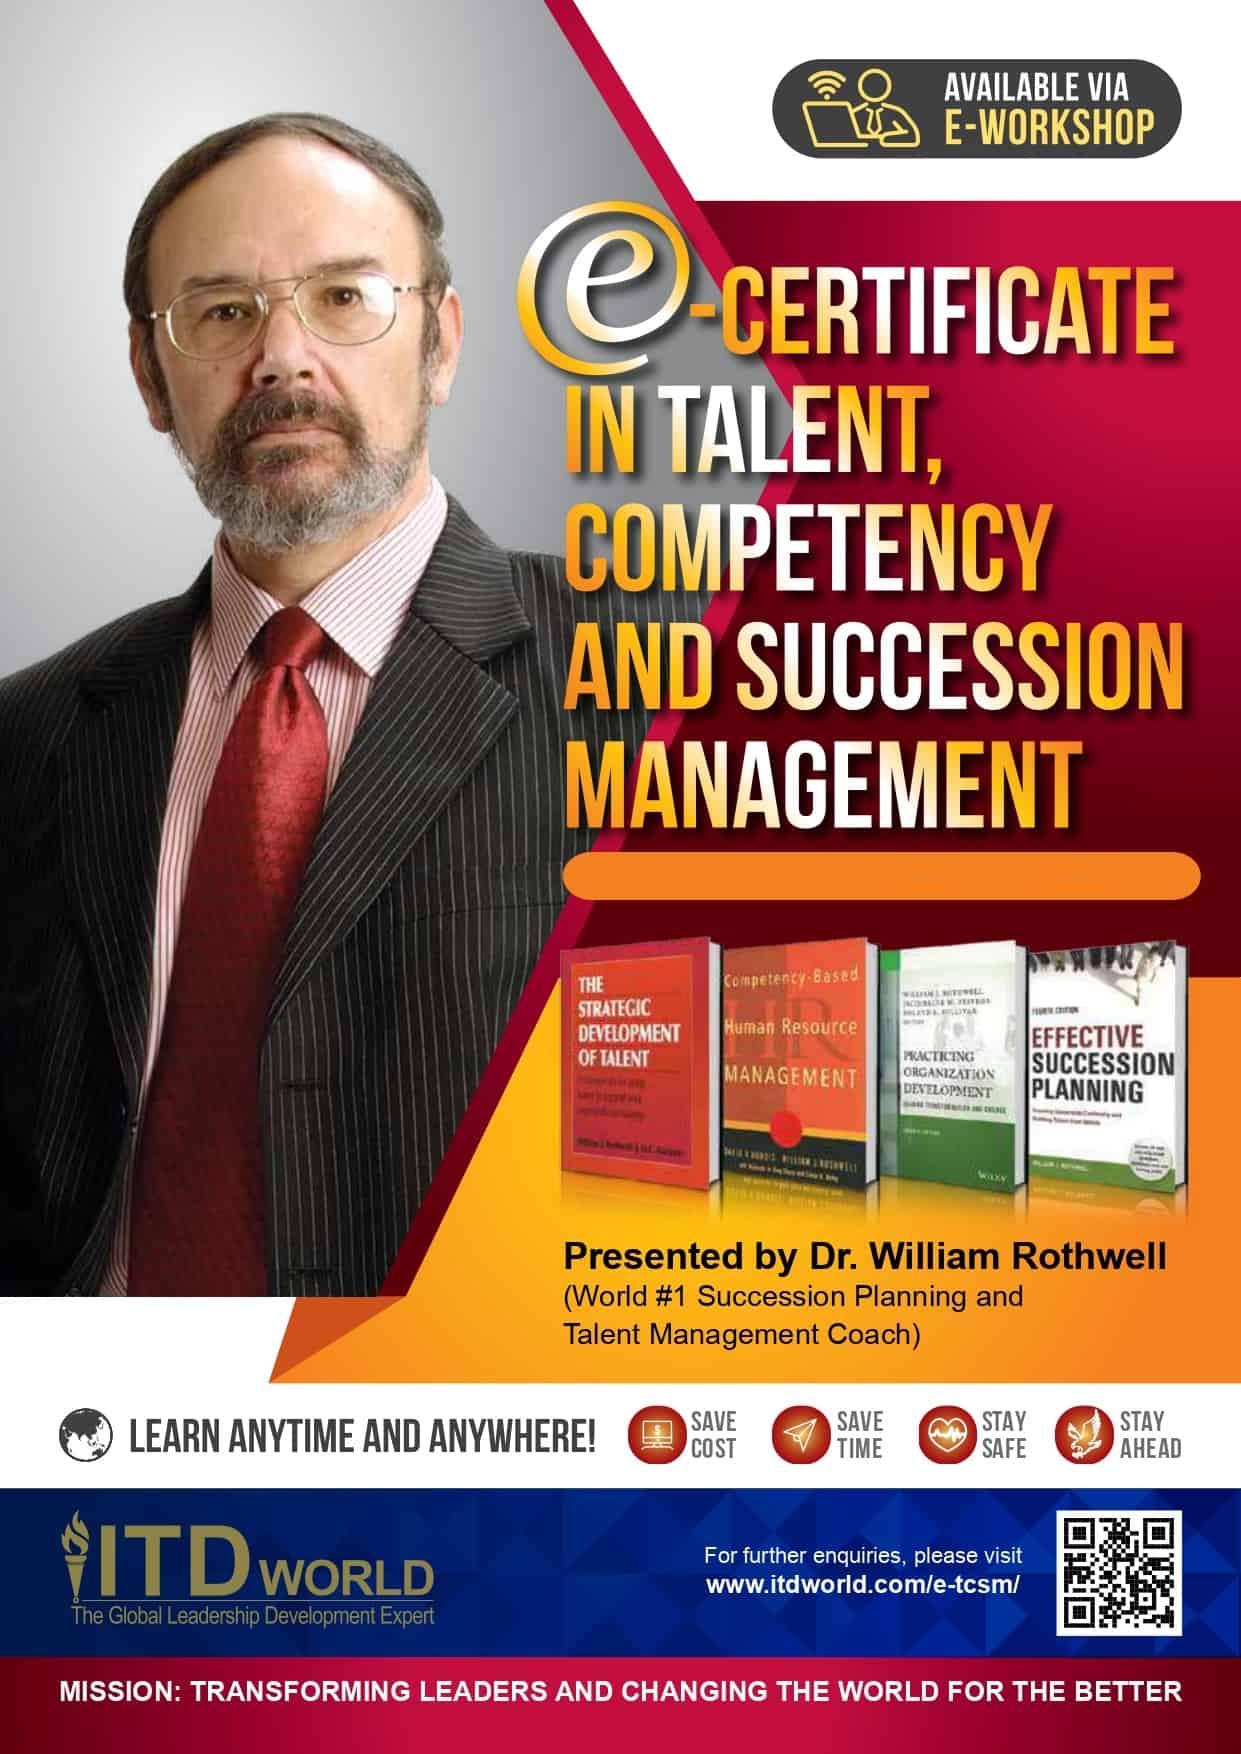 Chứng chỉ Quản lý Tài năng, Năng lực và Kế nhiệm (Certificate in Talent, Competency and Succession Management)